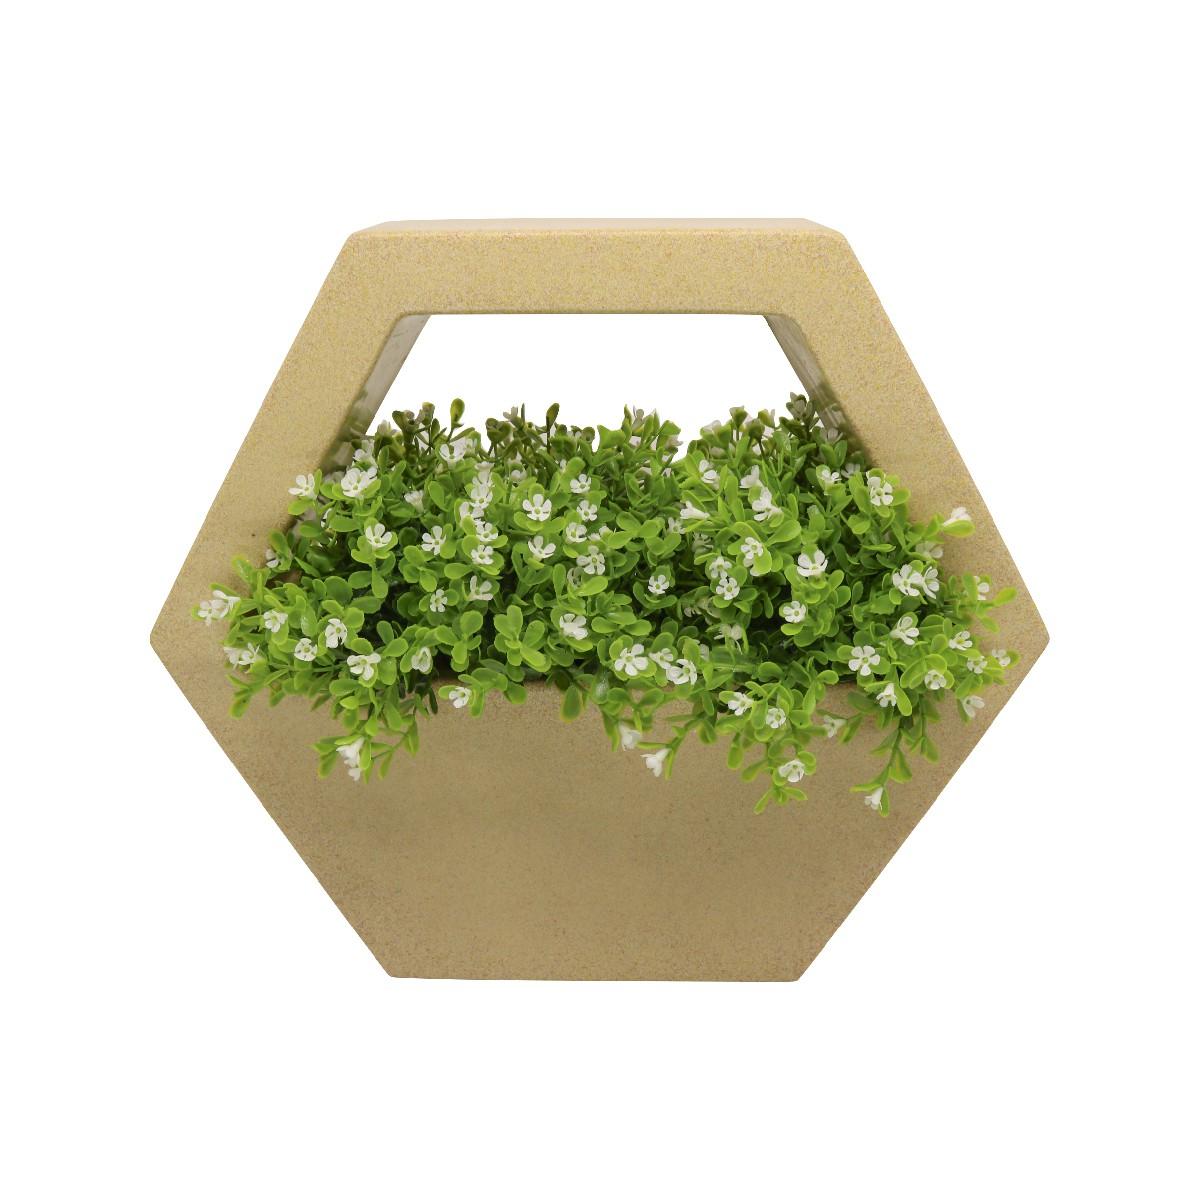 Vaso de Parede Sextavado Vogue cor Areia 29,5cm x 34cm - VPS1-AR